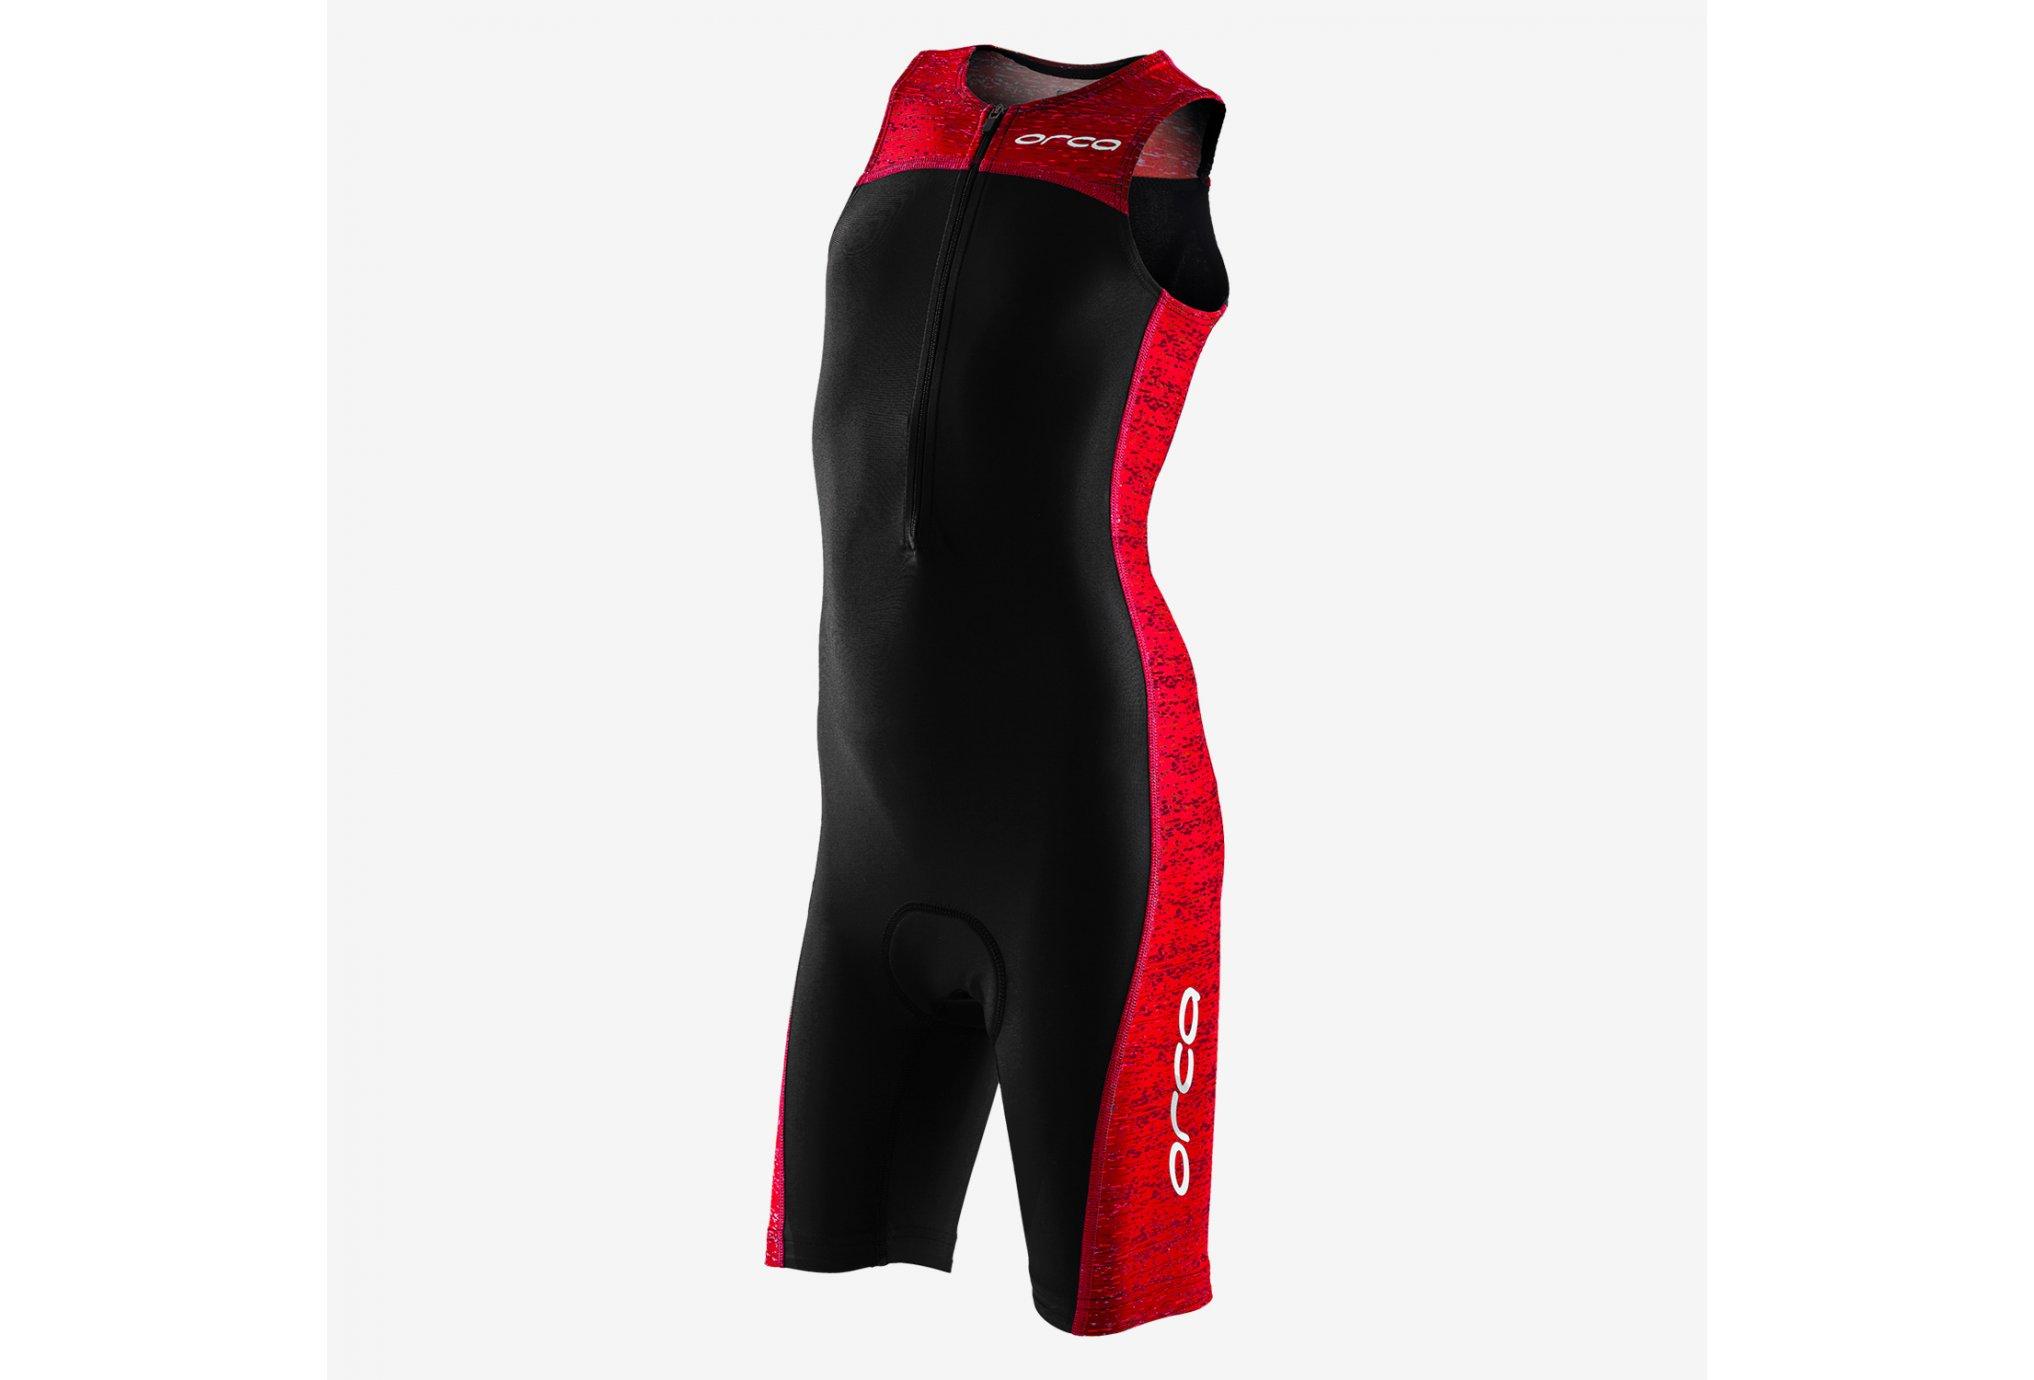 Orca Kids Core Race Suit - Junior vêtement running homme